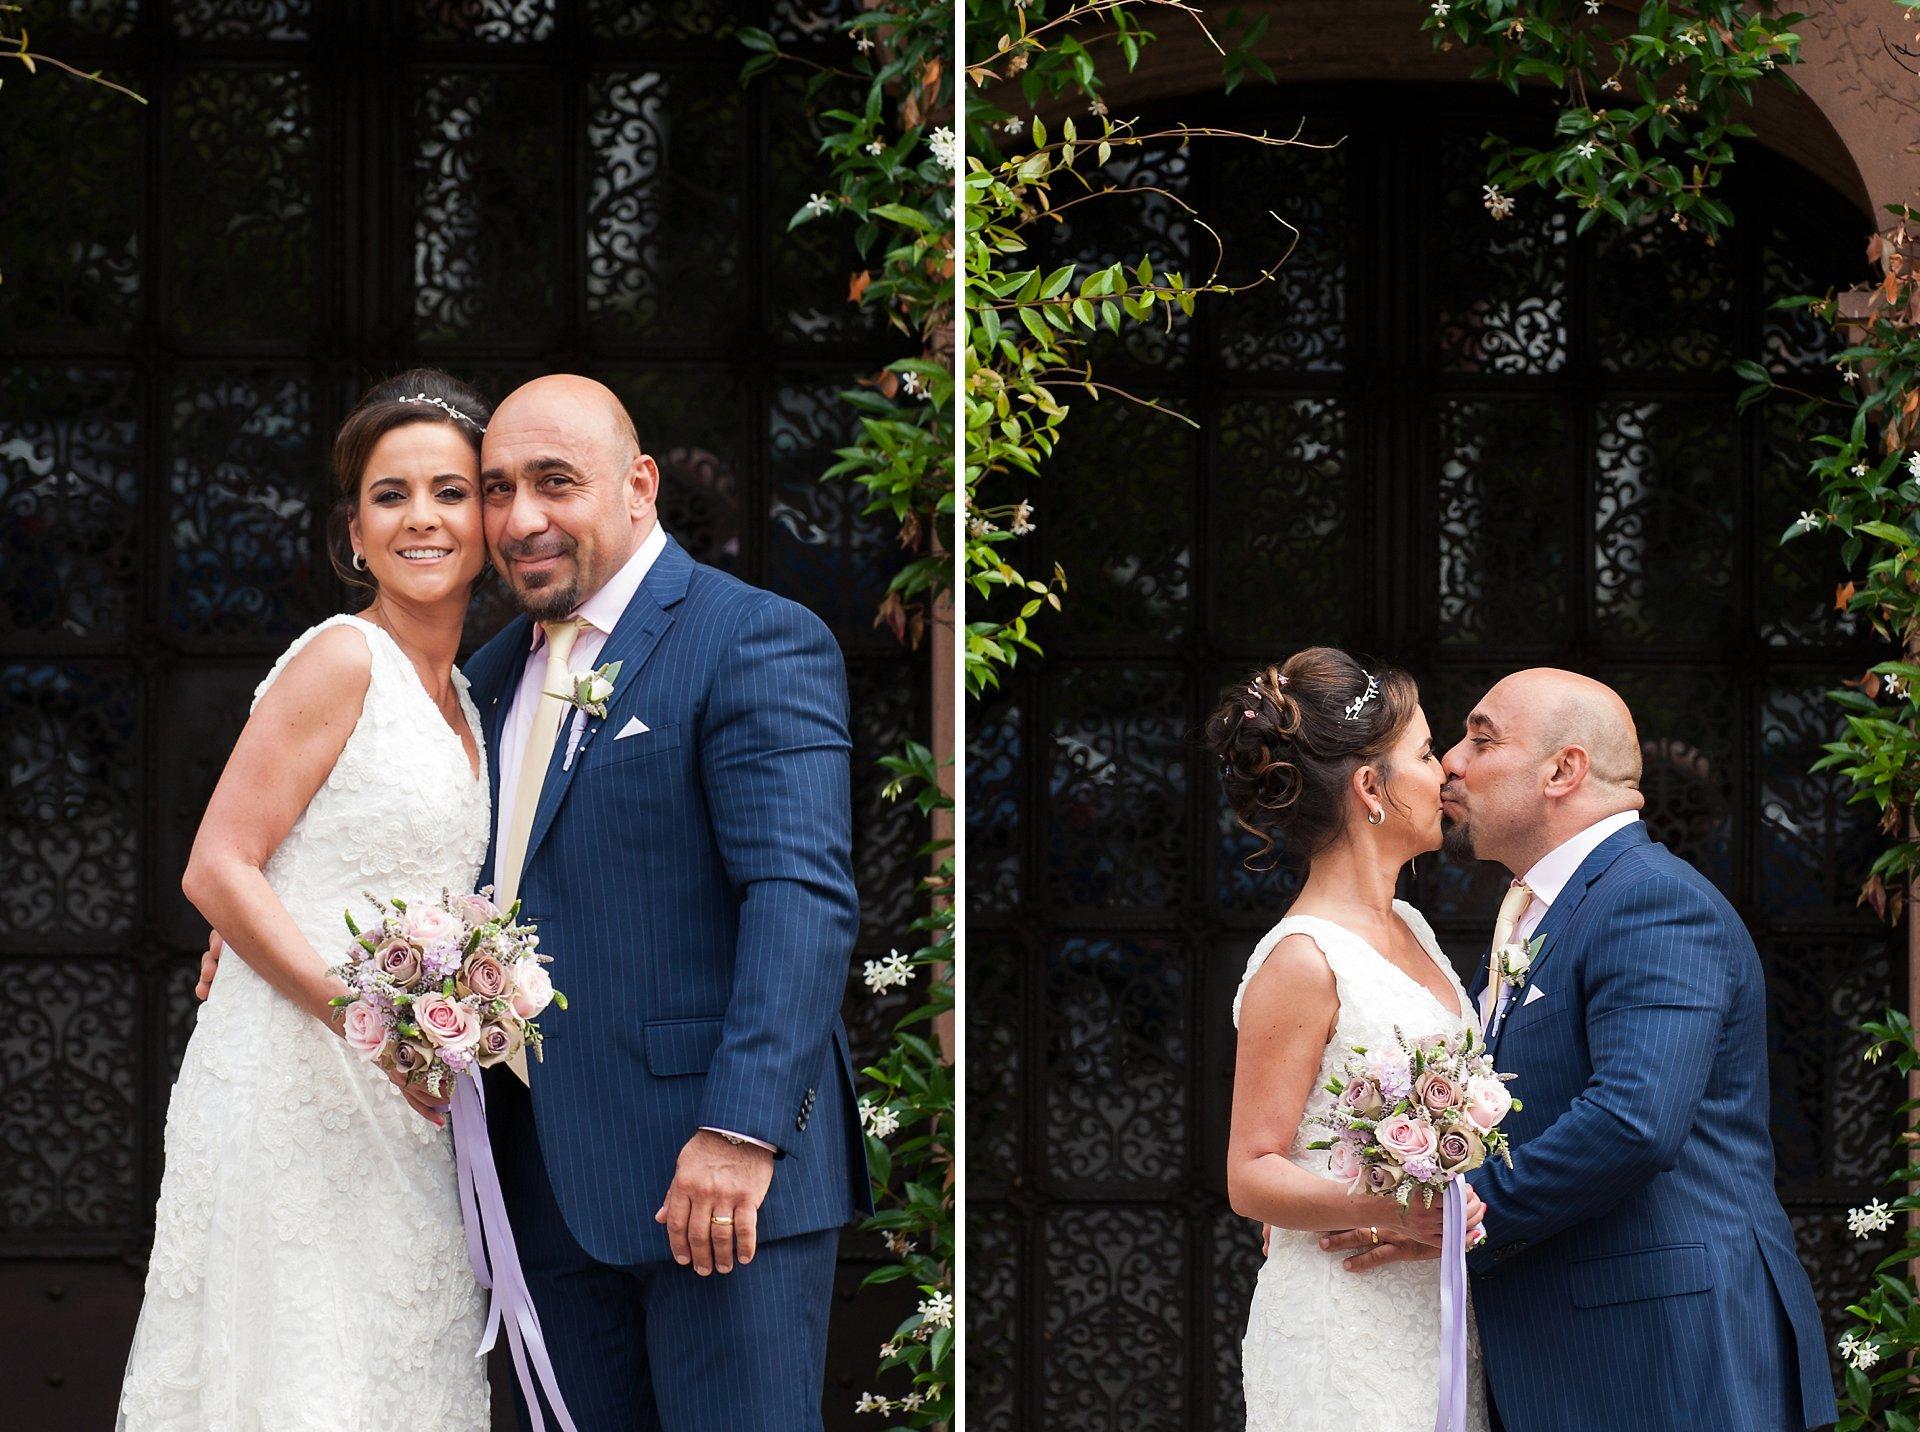 Bride & groom in Chelsea